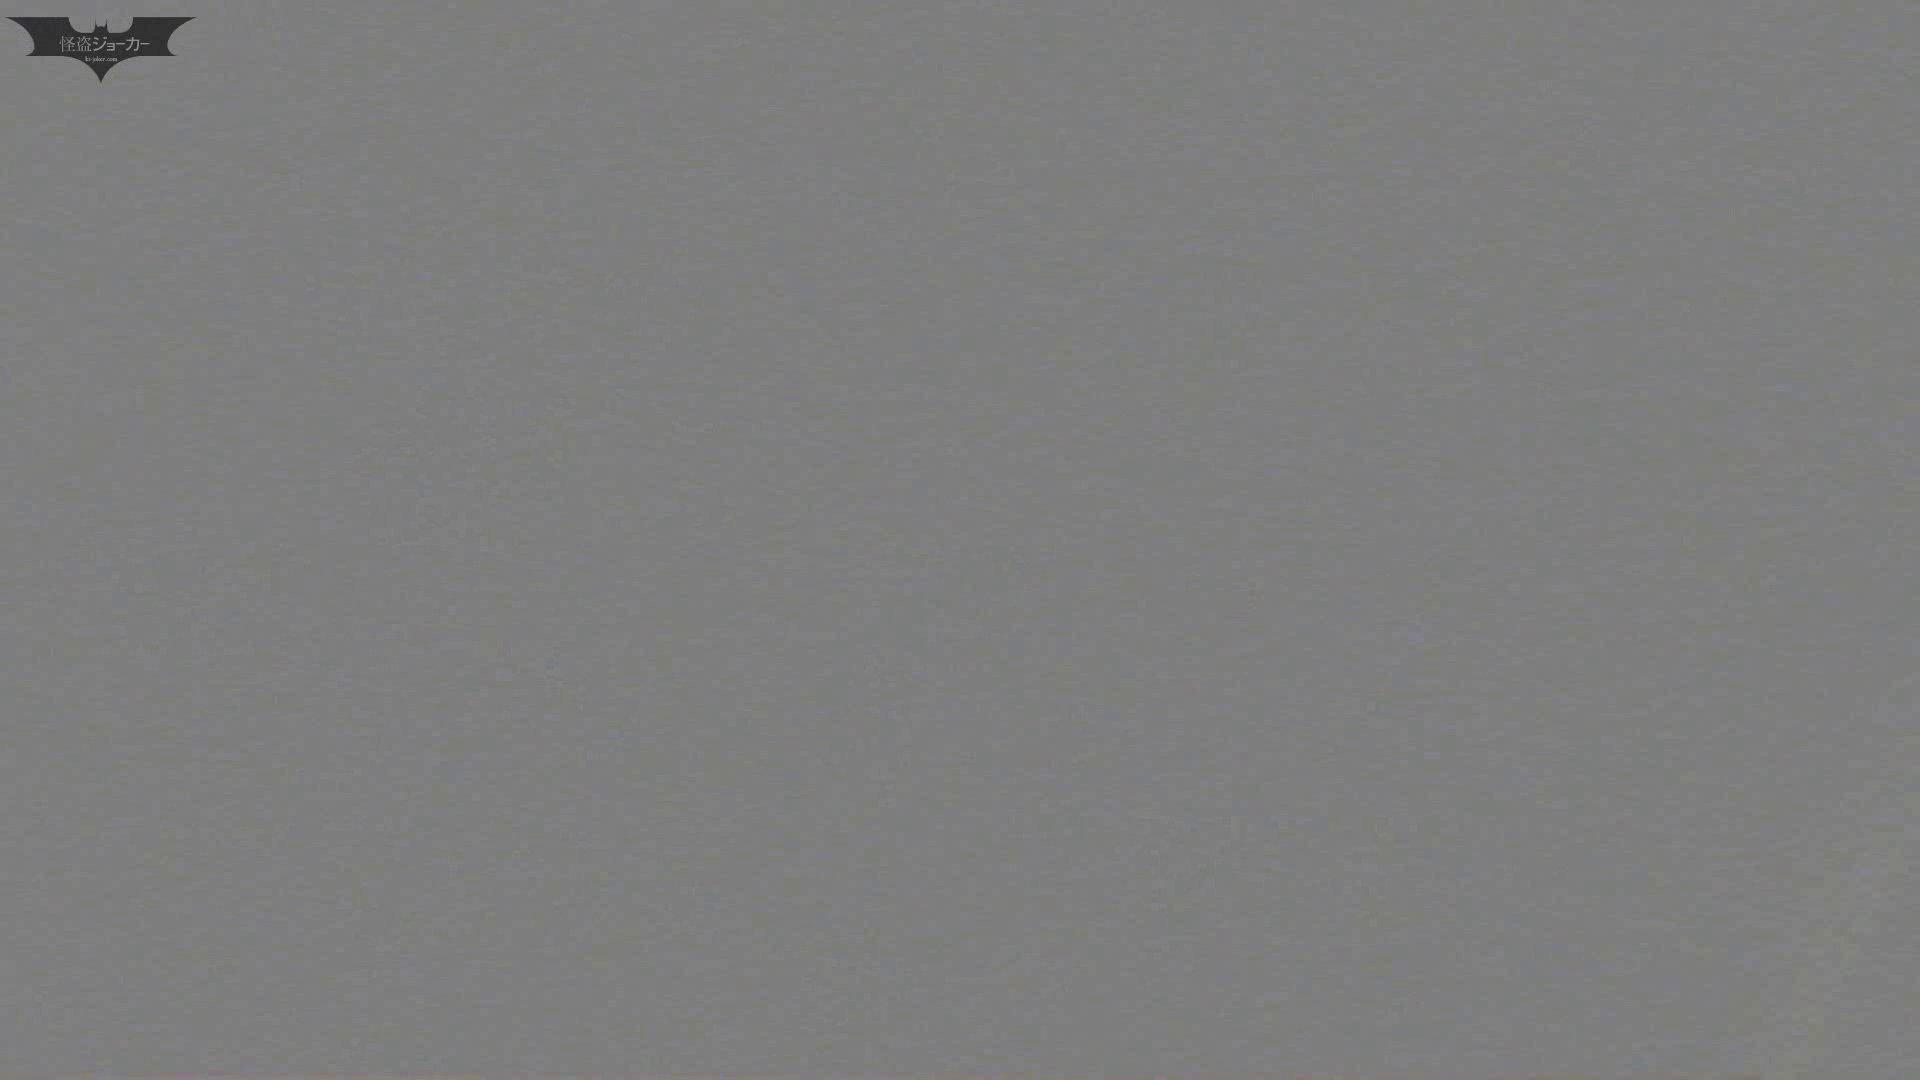 新世界の射窓 No64日本ギャル登場か?ハイヒール大特集! 洗面所  26pic 10